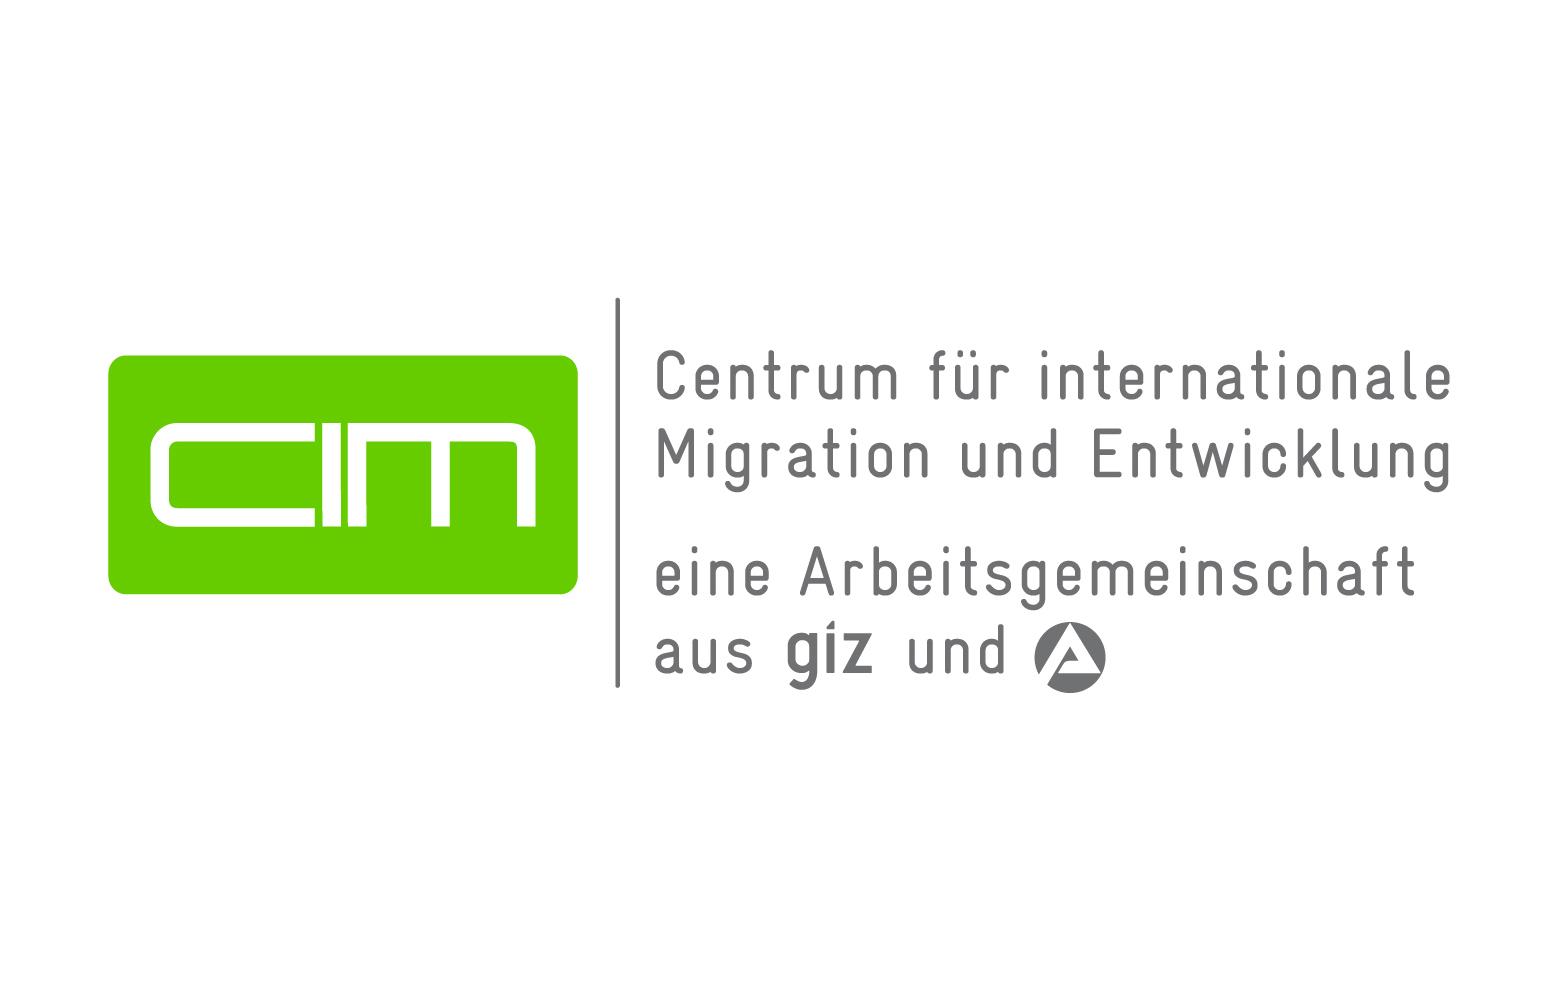 Logo: Centrum für internationale Migration und Entwicklung (CIM)